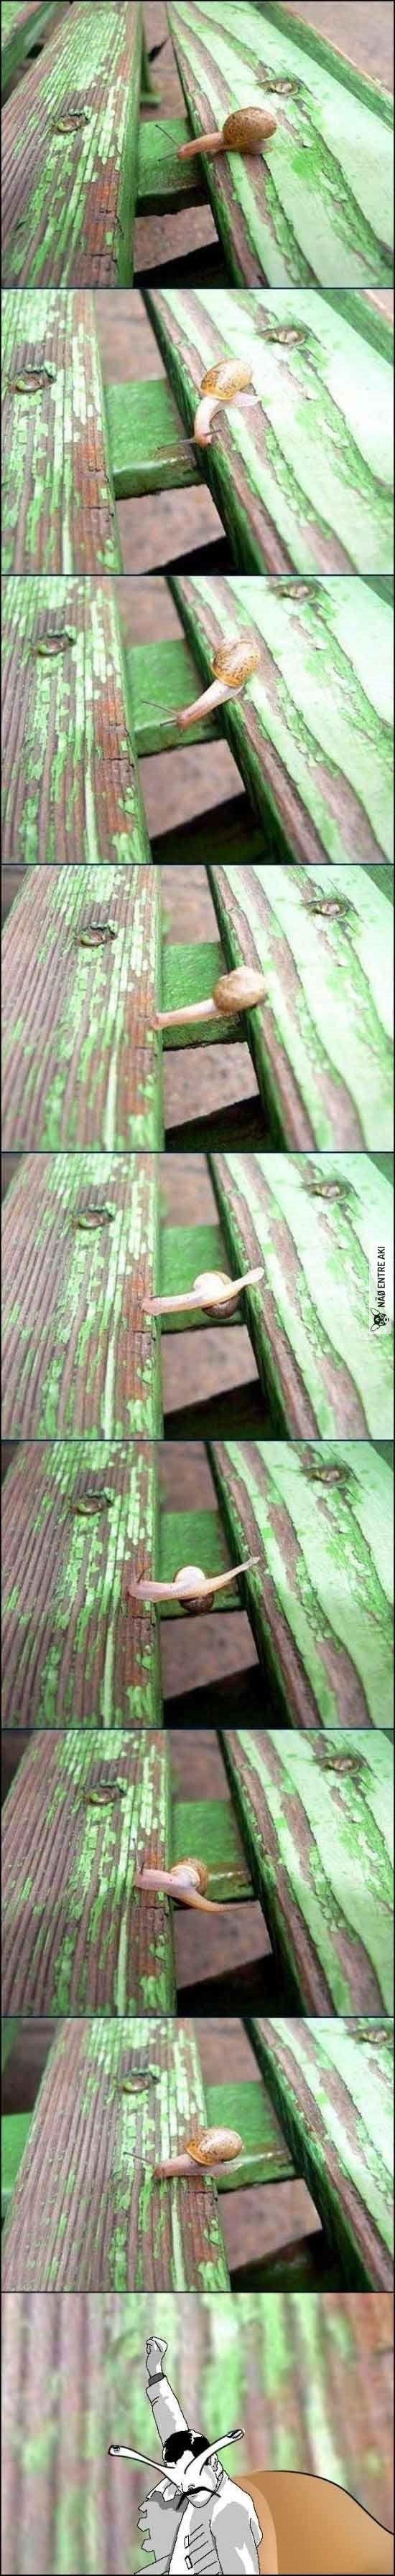 Até a vida de um caracol é mais emocionante que a minha